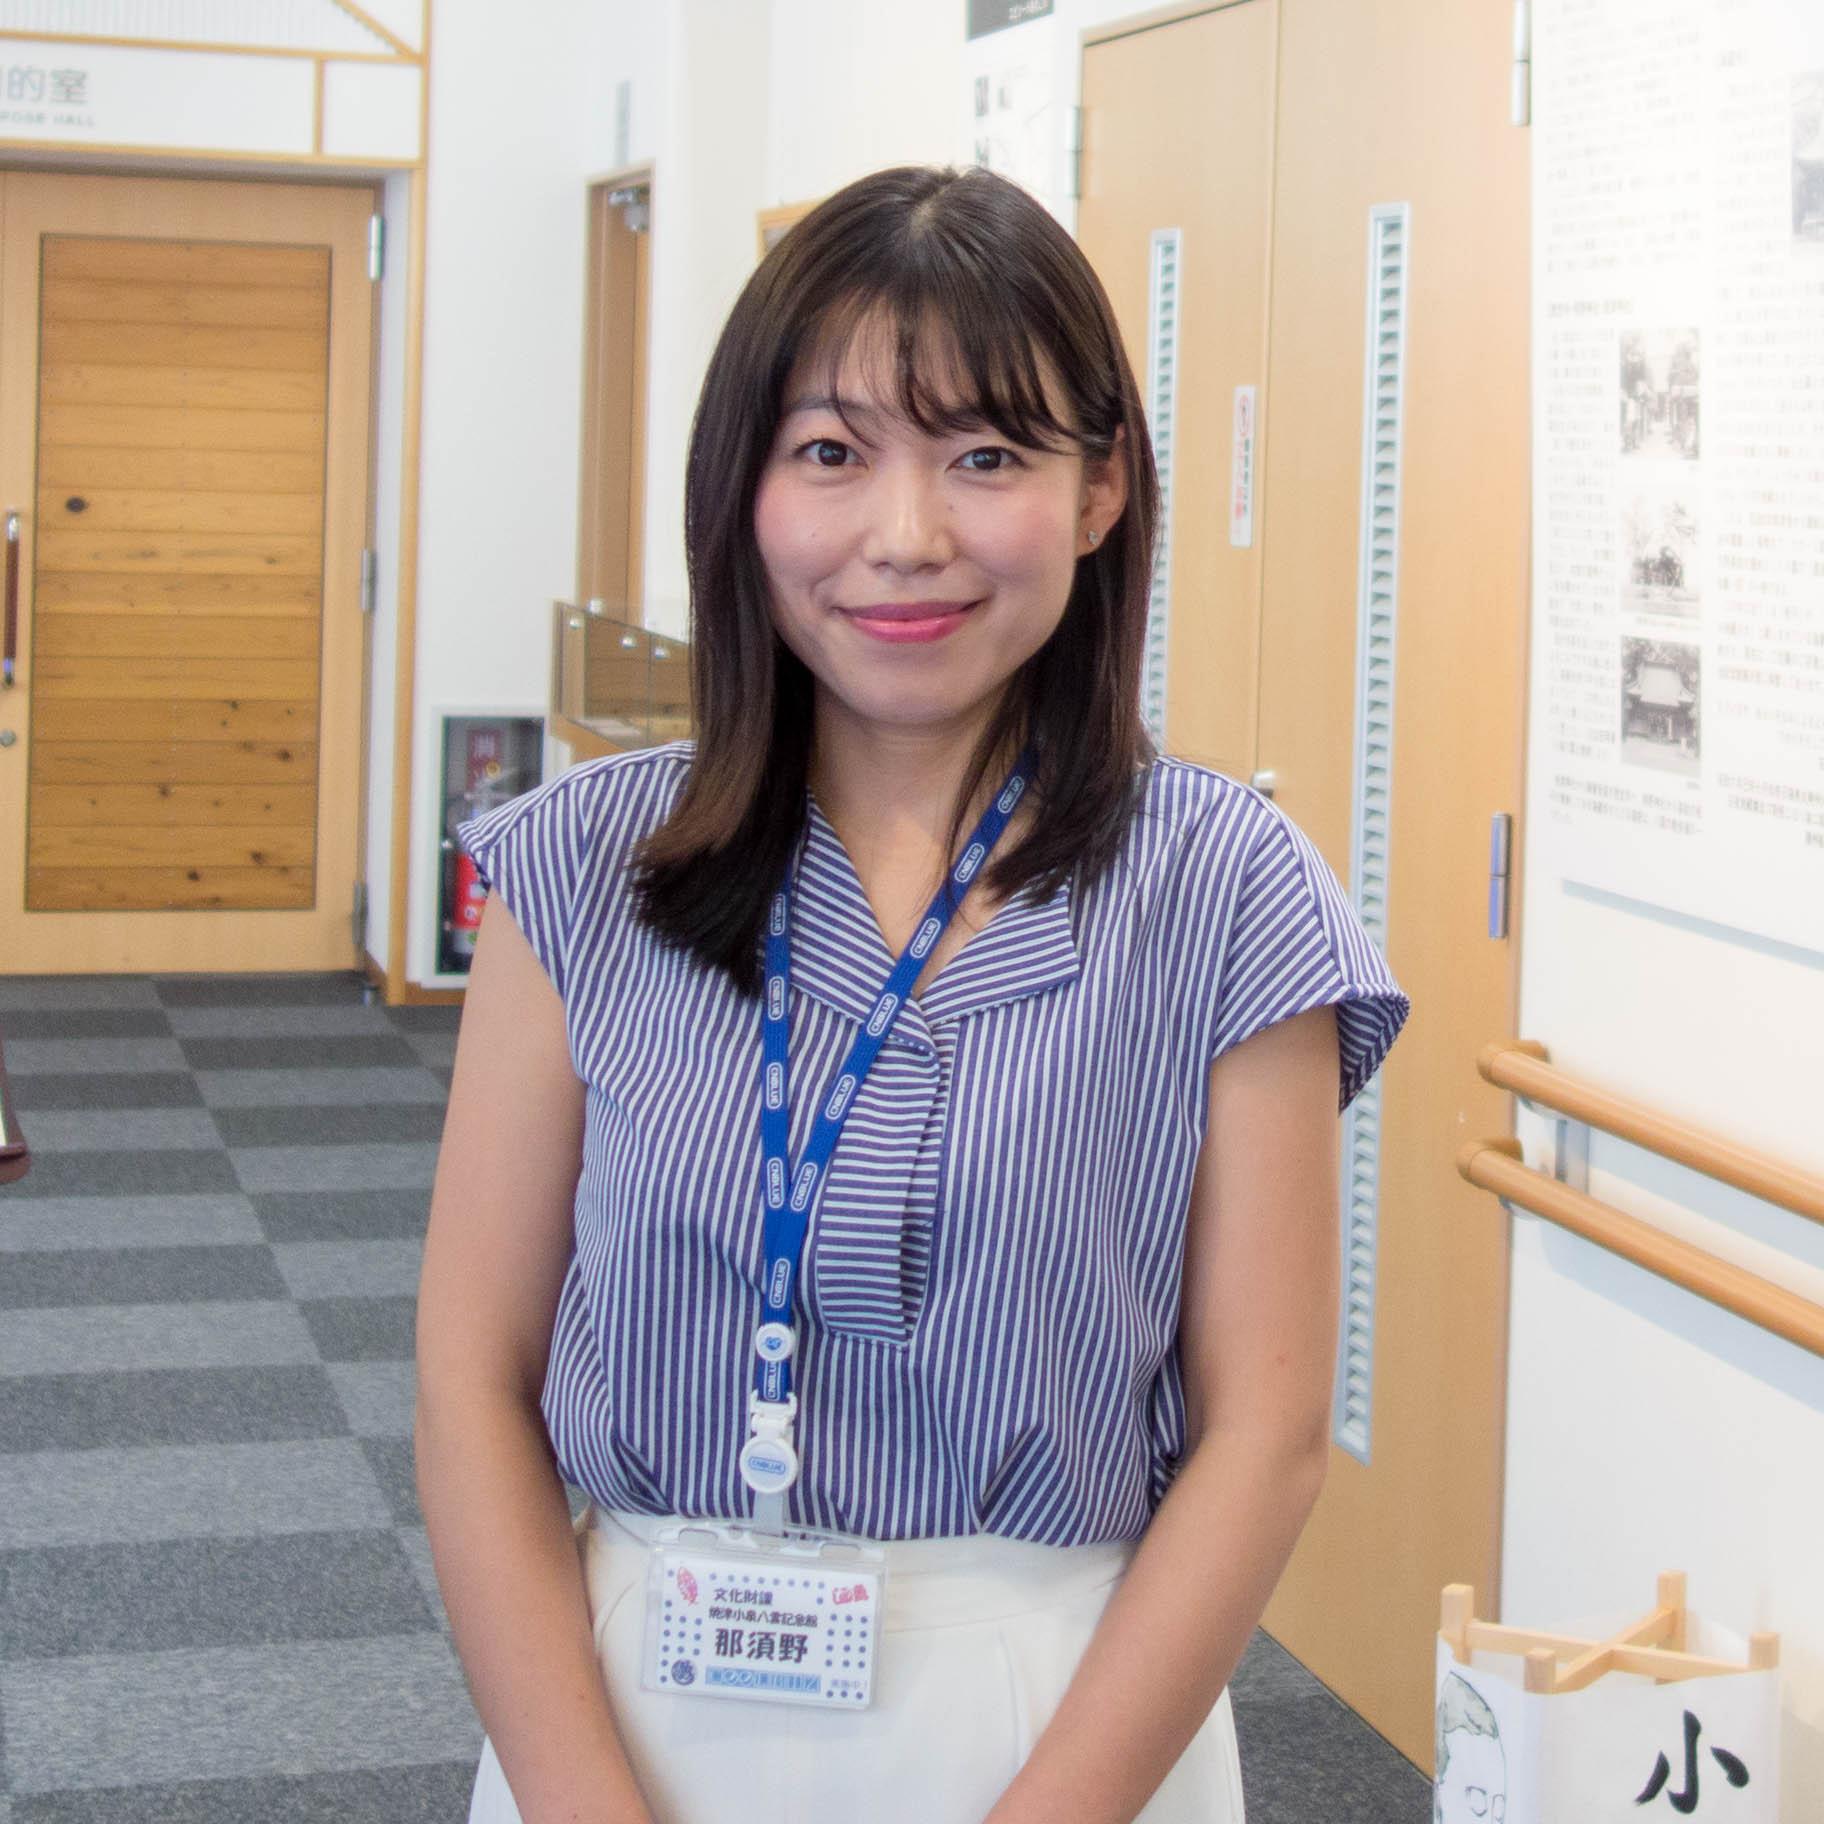 まちかどリポーター:那須野 絢子